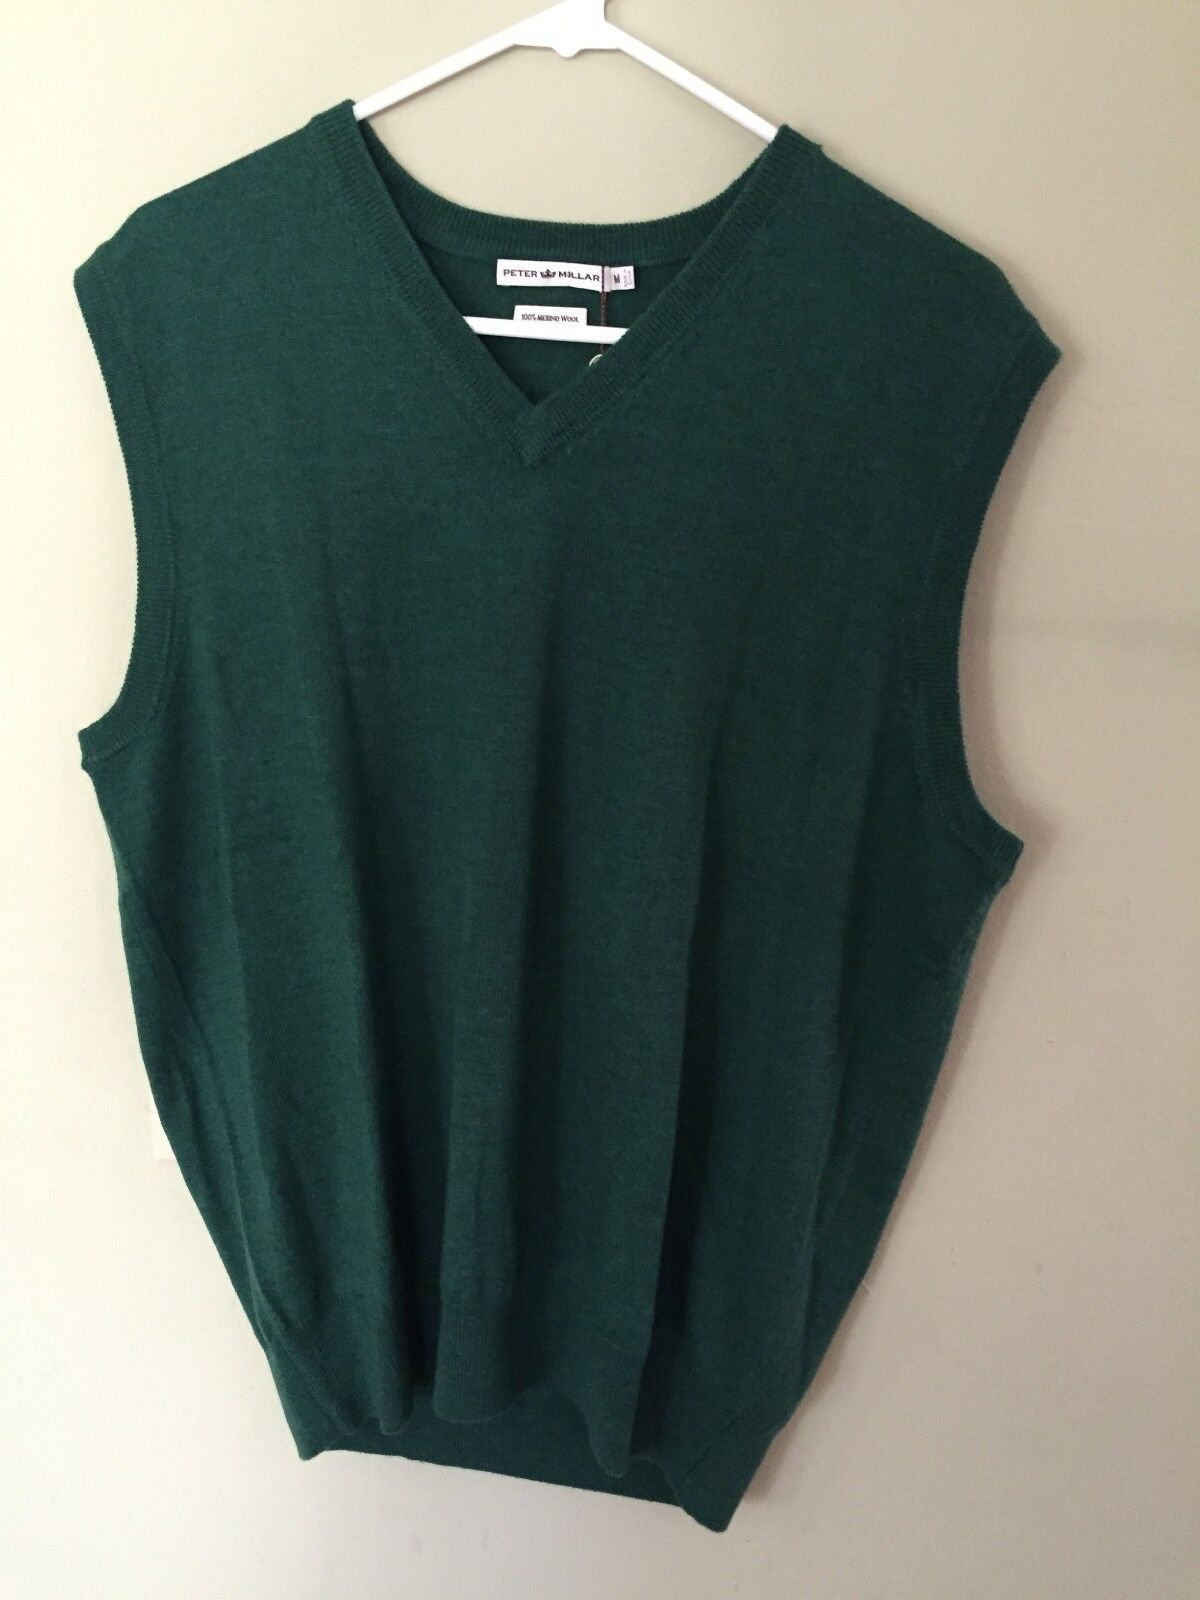 Peter Millar 100 Merino Wool V-neck Sweater Vest Medium Sky Blue ...